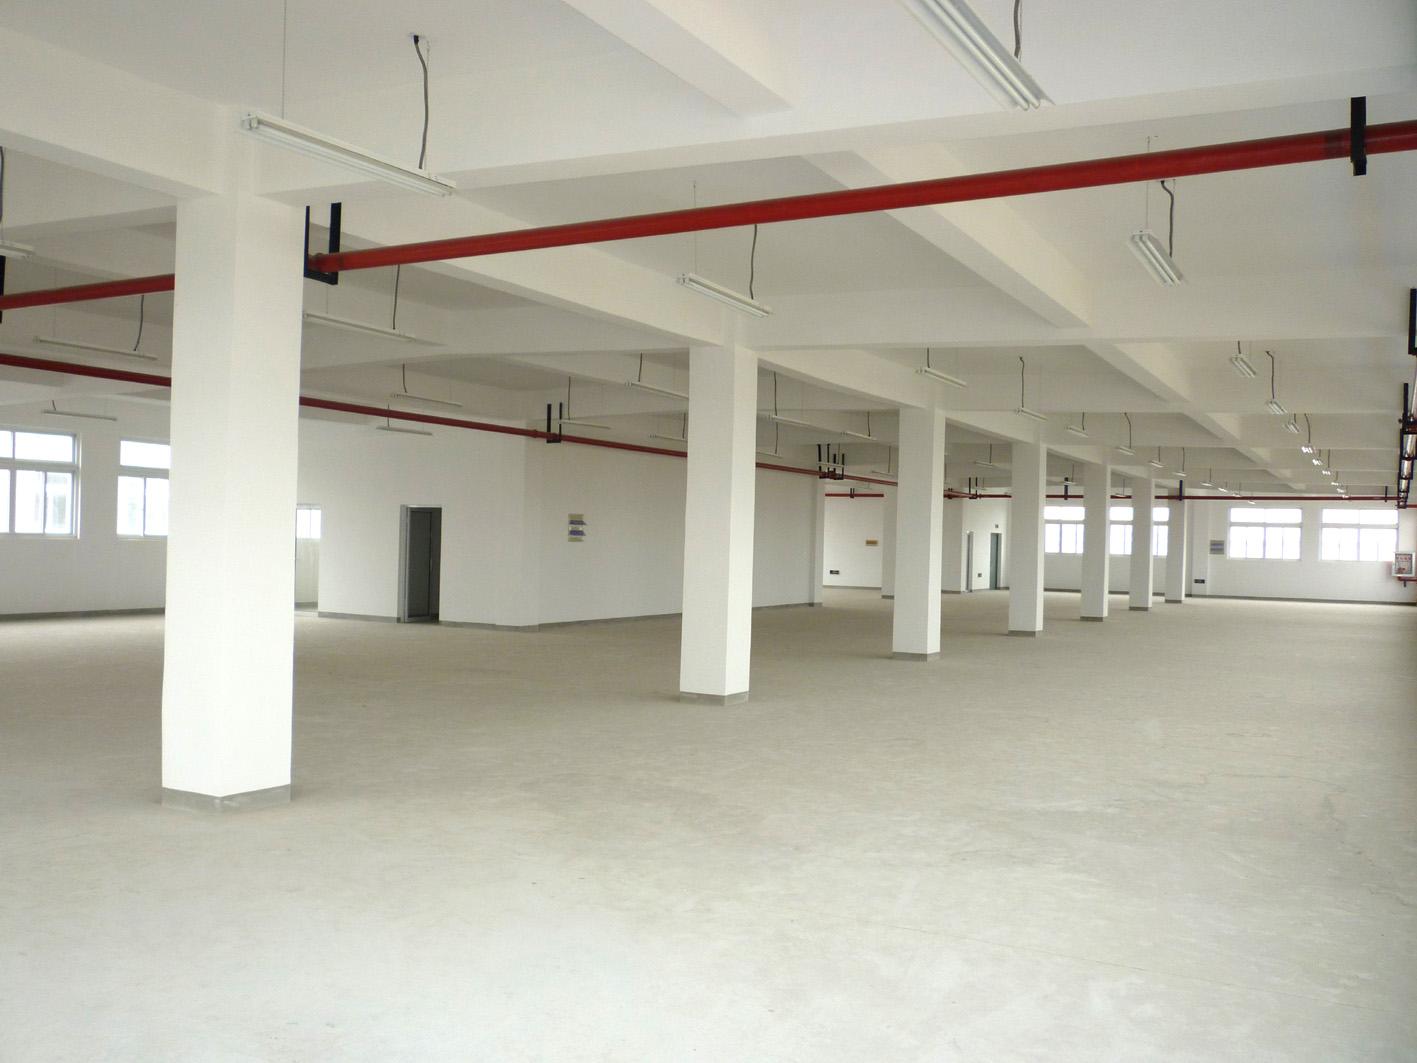 宝山厂房、罗店厂房、新厂房、标准厂房、轻工厂房